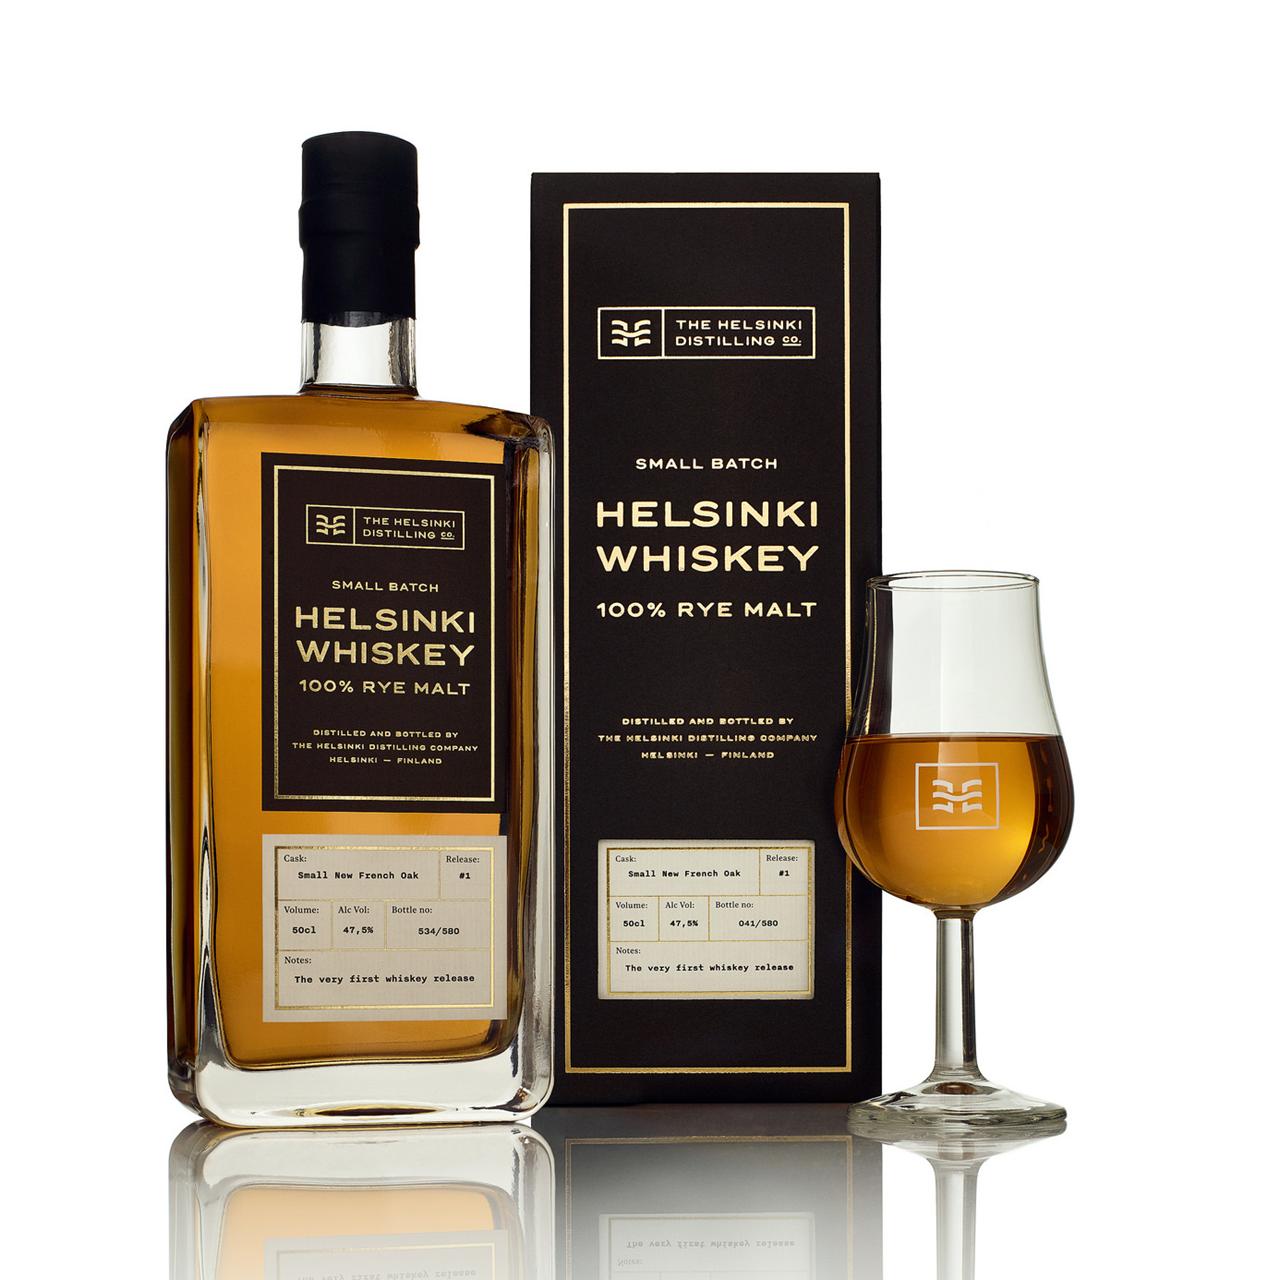 Nordic Whisky #183 - Helsinki Distilling Company 100 % Rye Malt